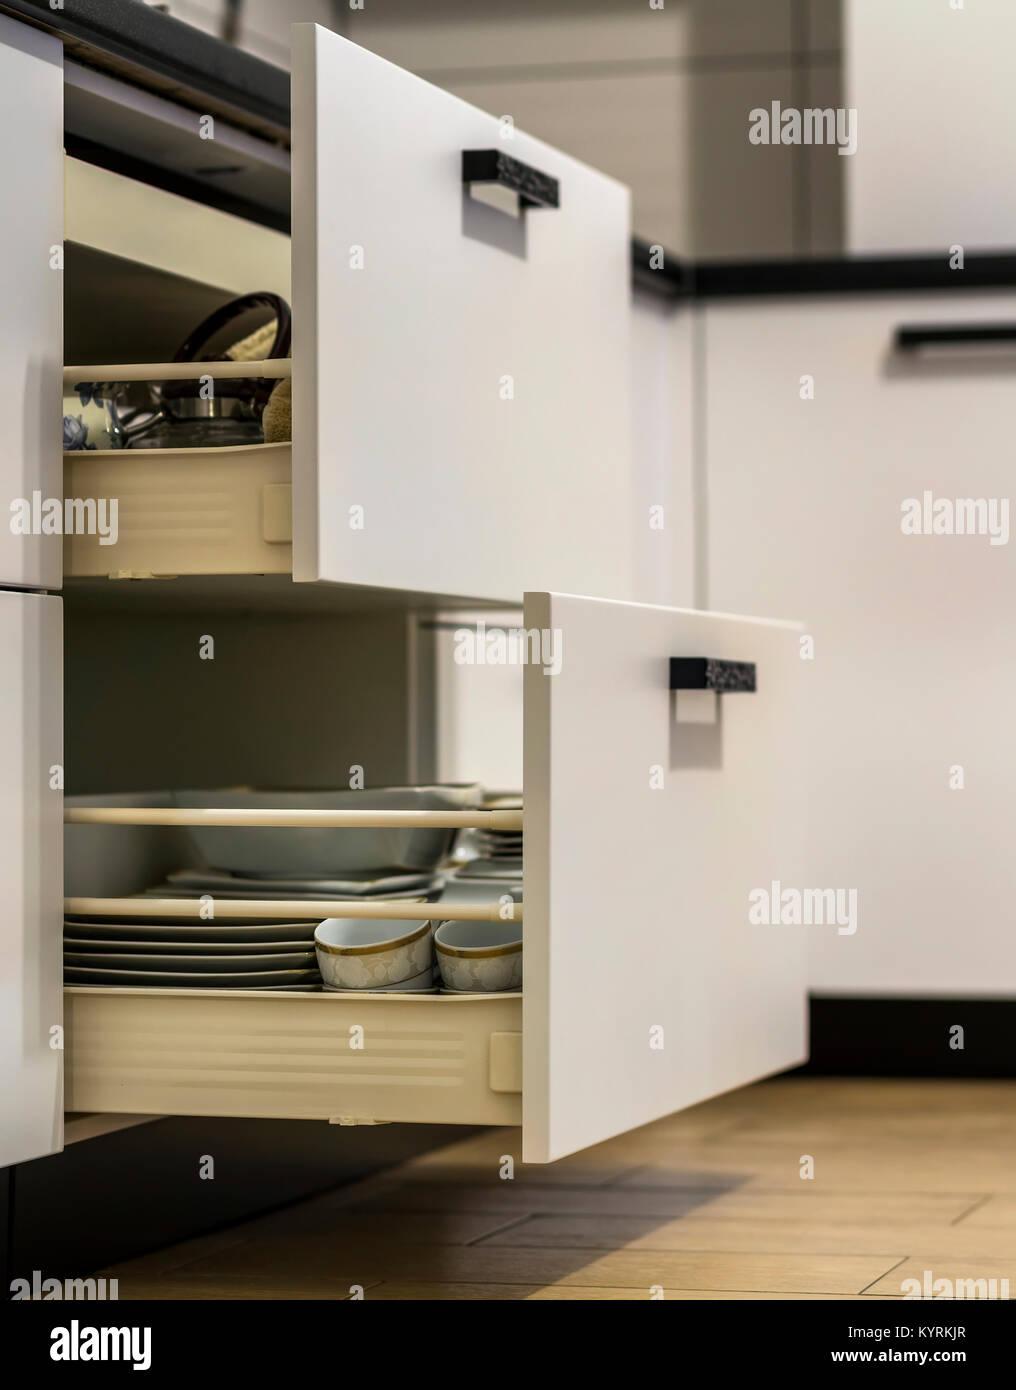 Küche Schubladen mit Teller und Tassen Geschirr öffnen Stockfoto ...